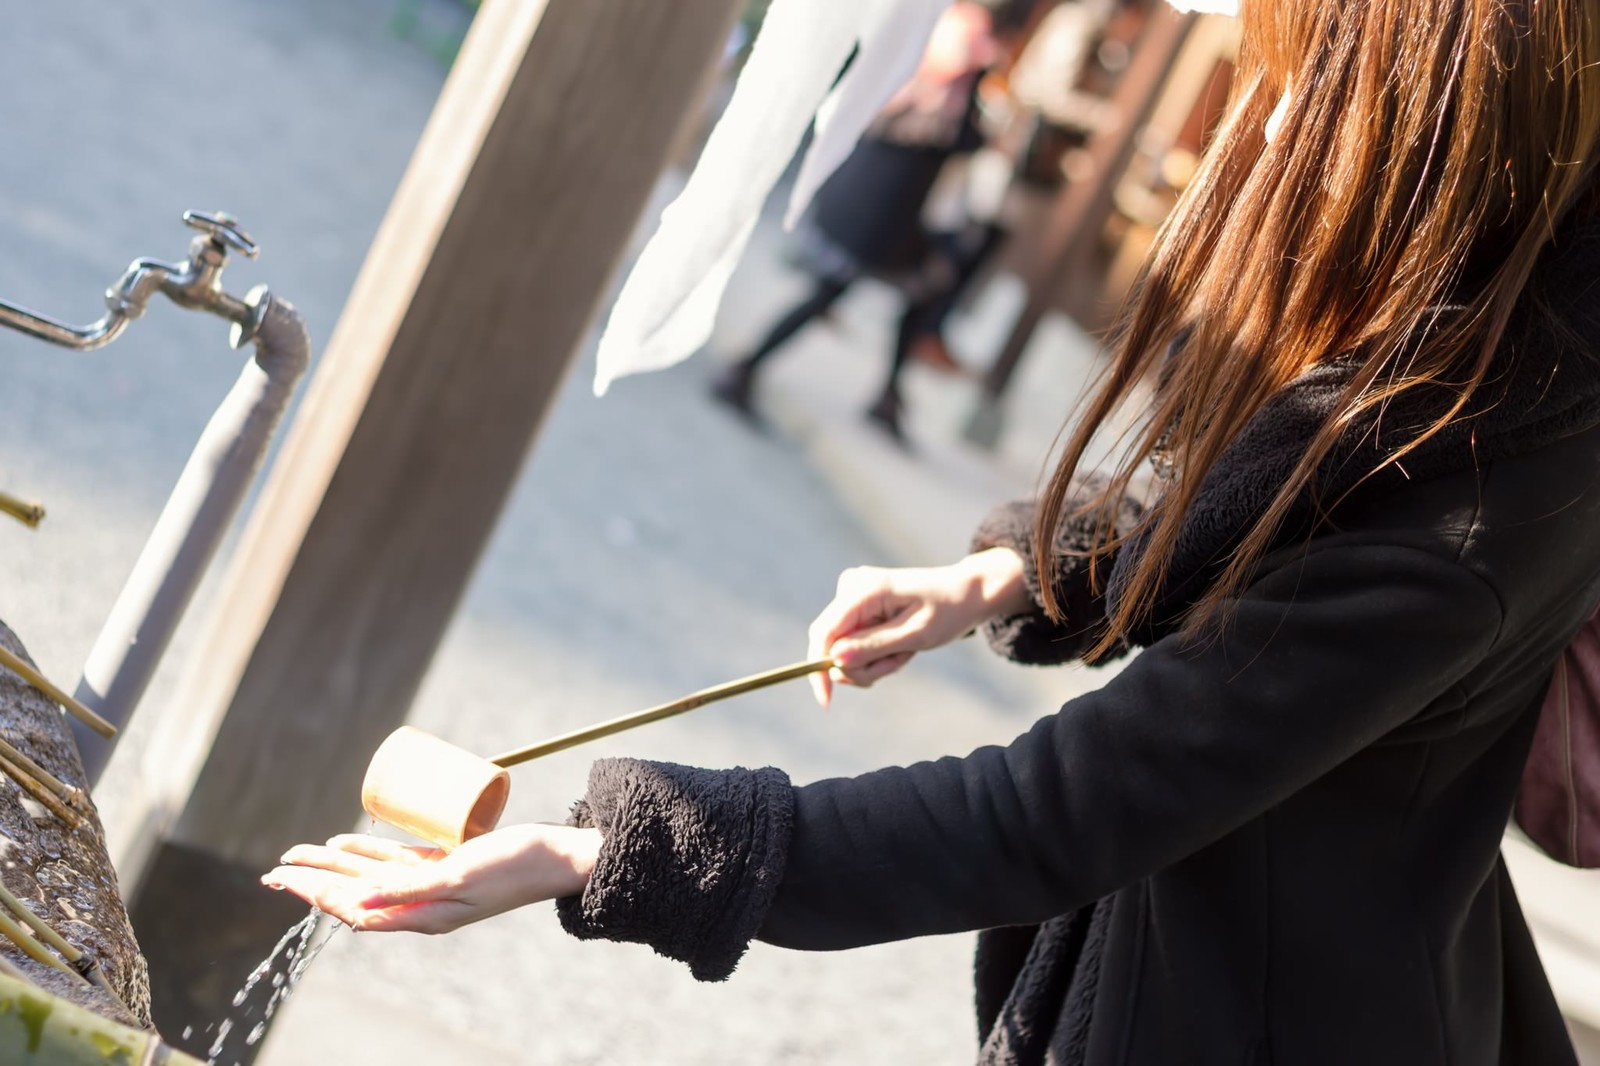 「神社で手水をする女性」の写真